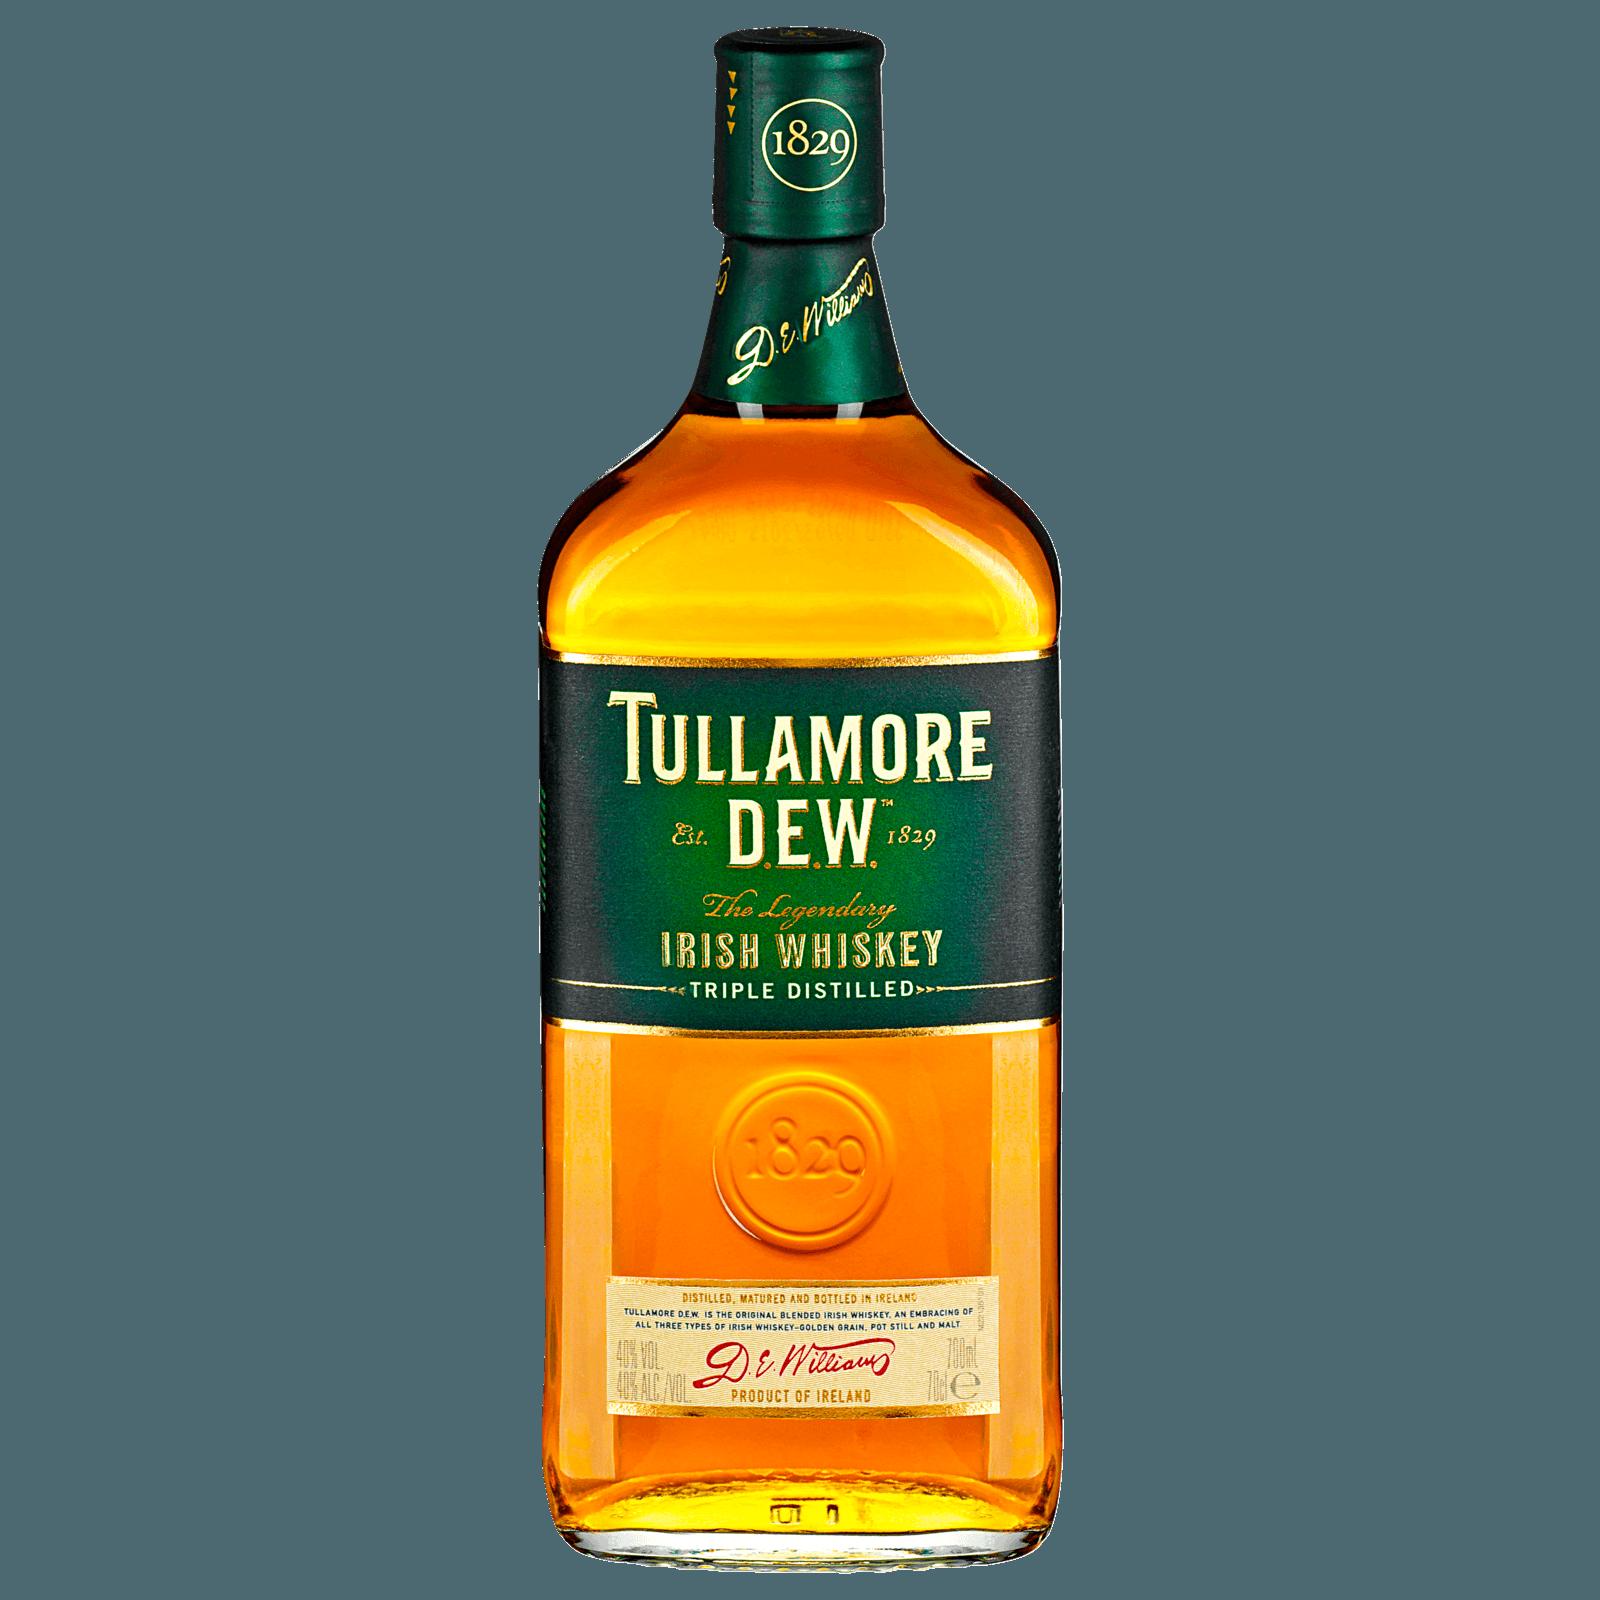 Tullamore Dew Irish Whiskey 0,7l bei REWE online bestellen!